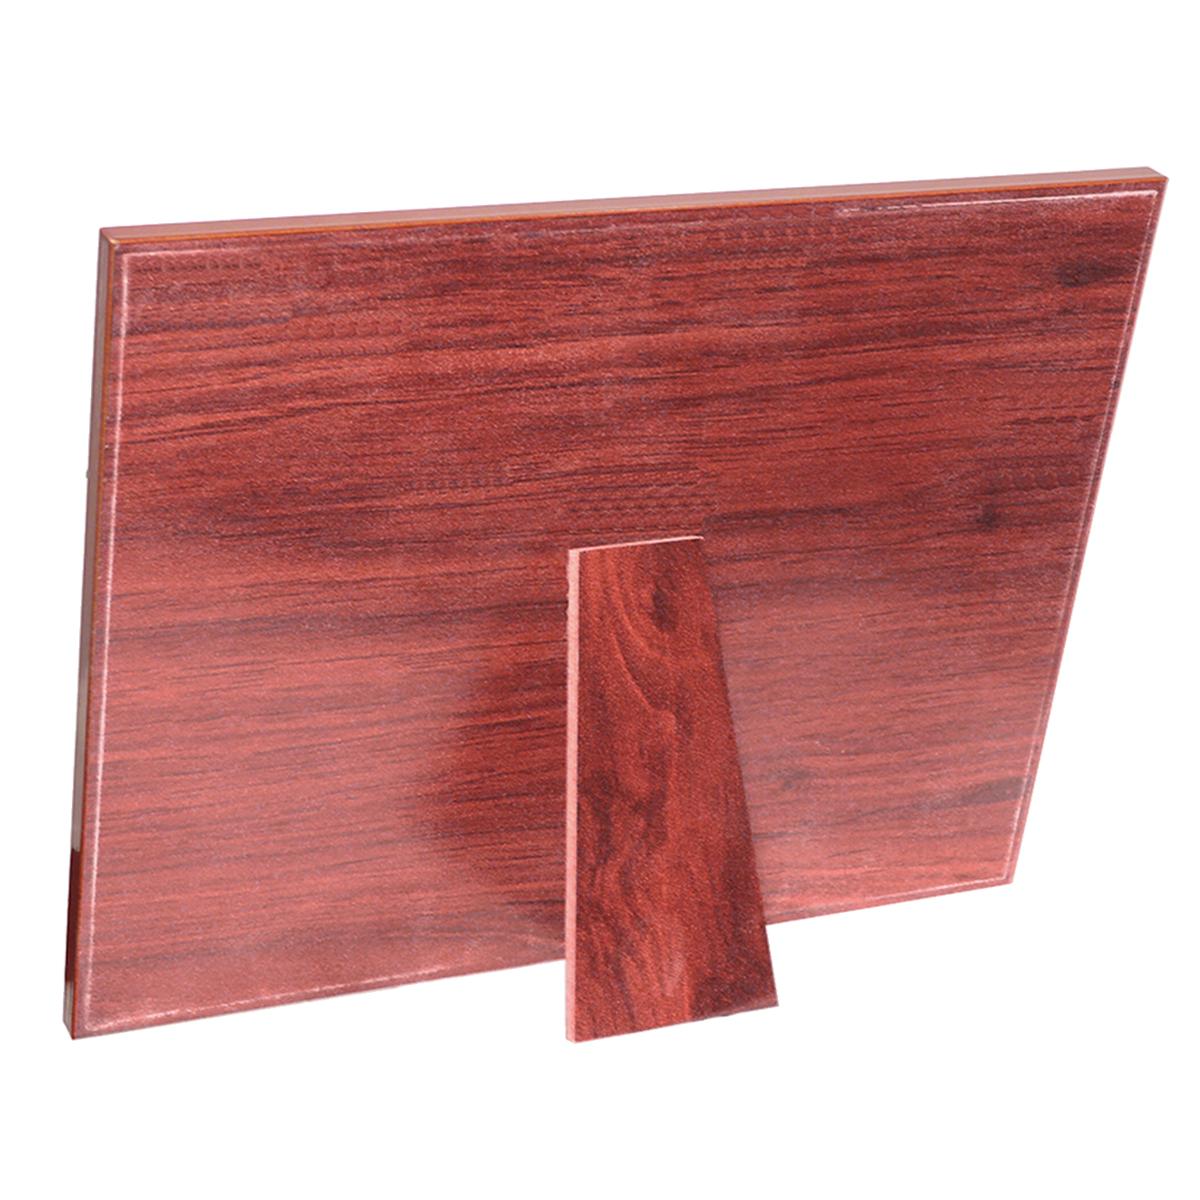 Placa de madera 50200 (Trasera)